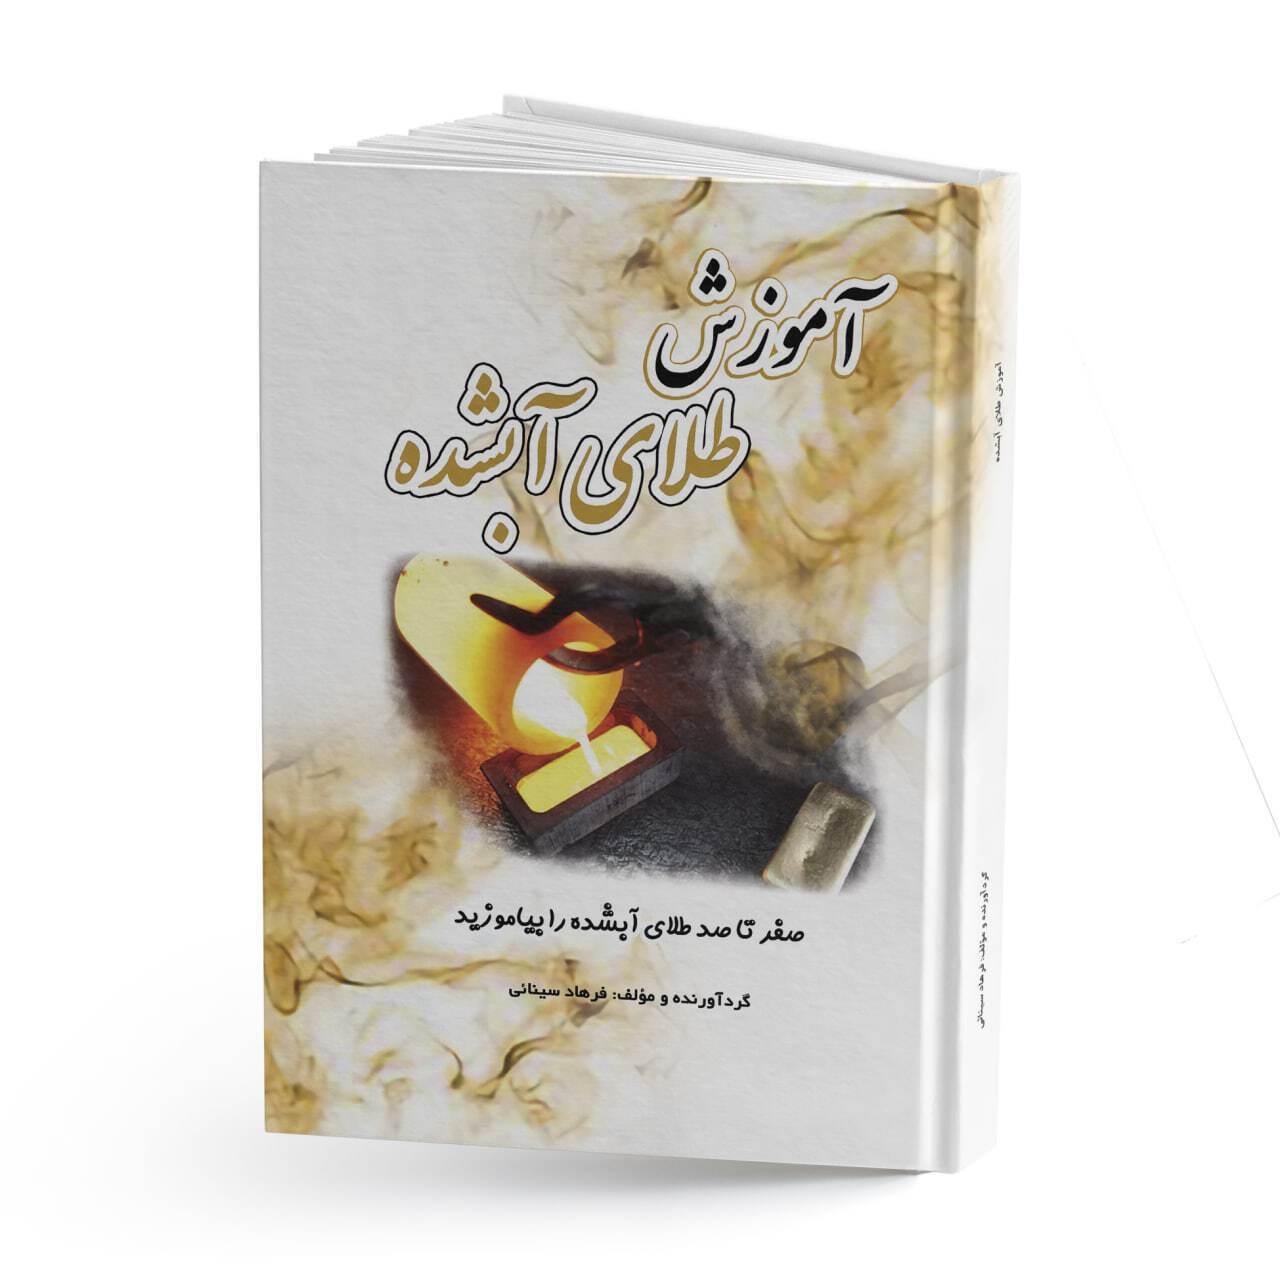 کتاب چاپی آموزش طلای آبشده